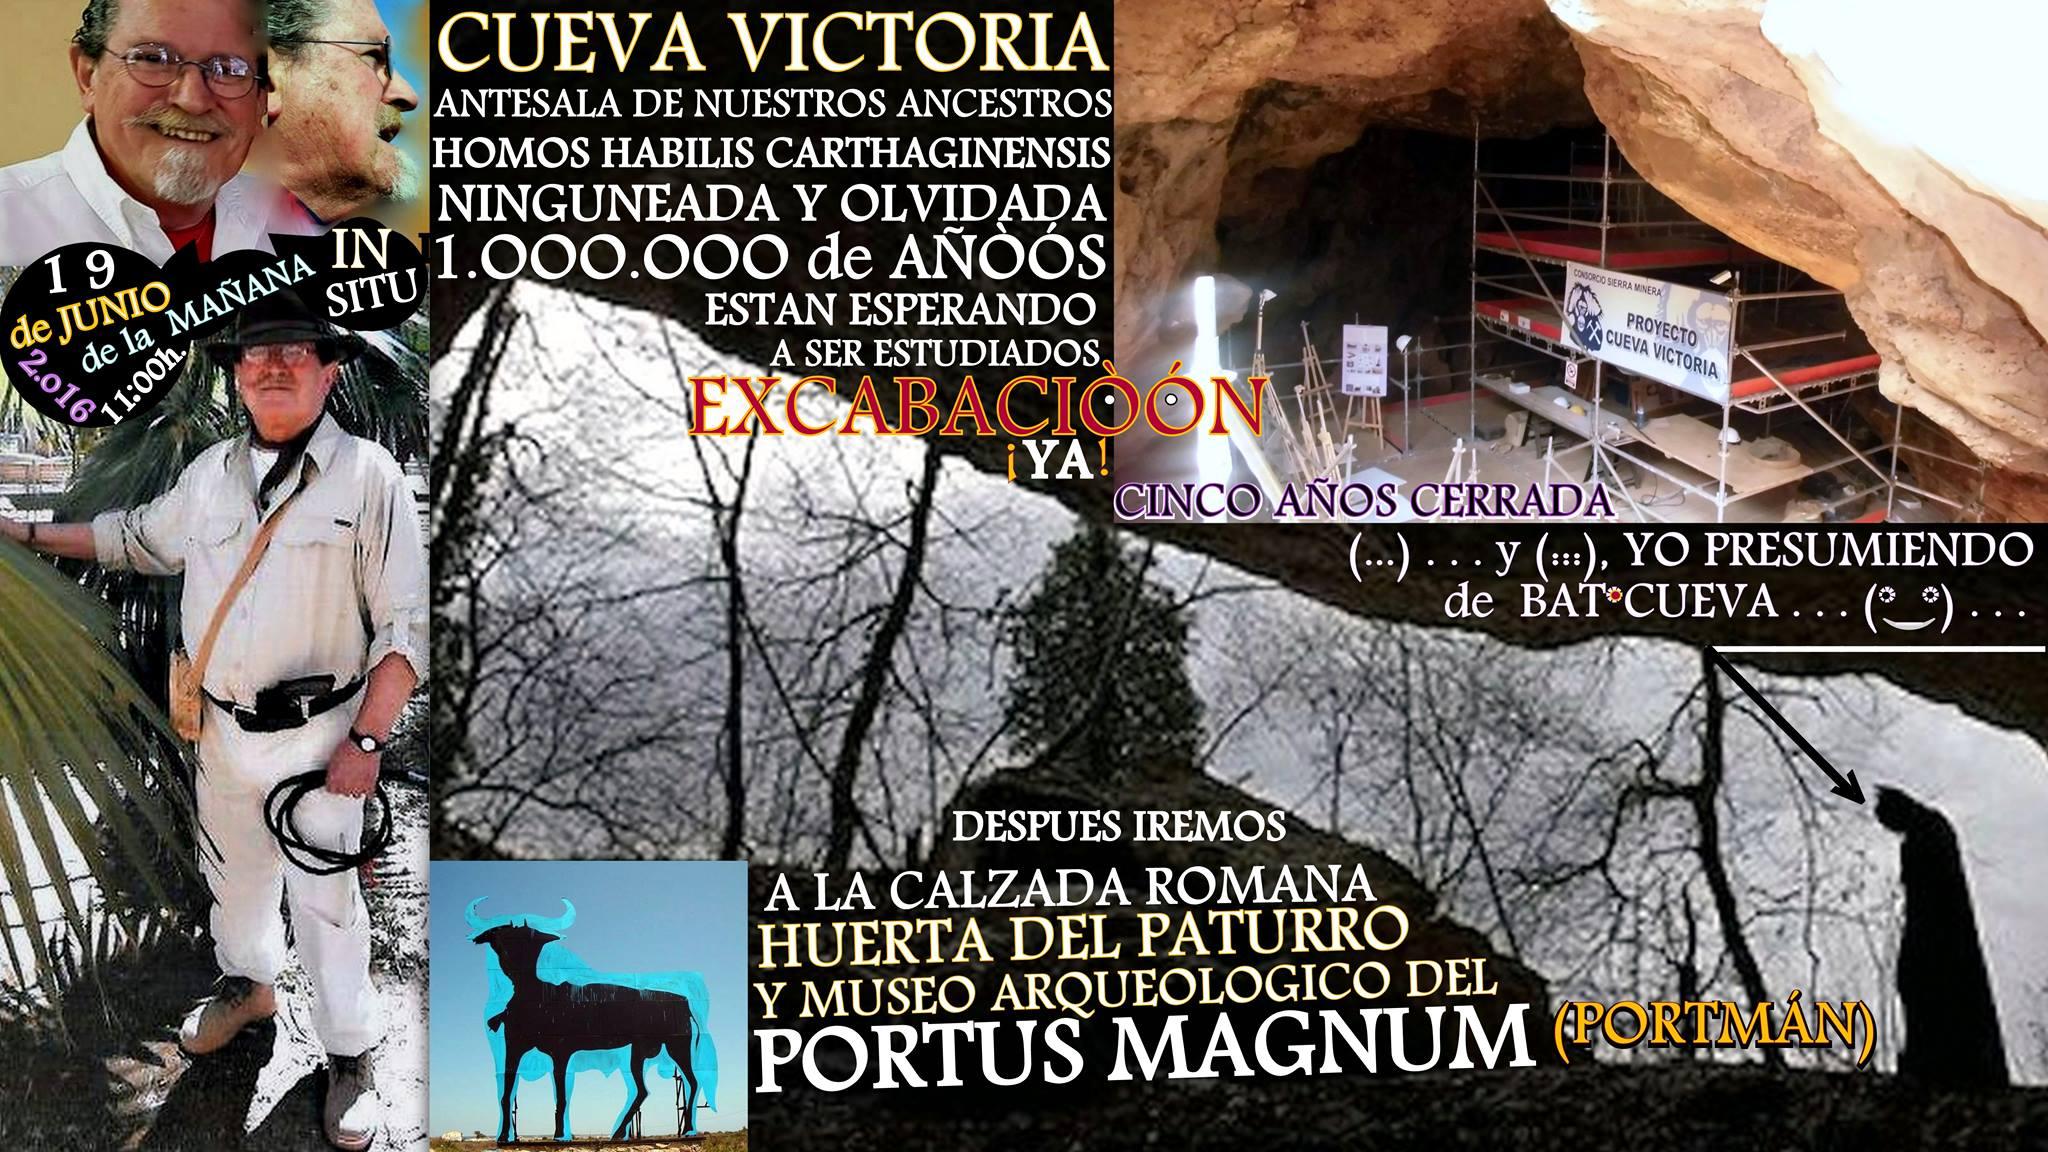 Magna Mañana en Cueva Victoria - Portus Magnum, con García del Toro.